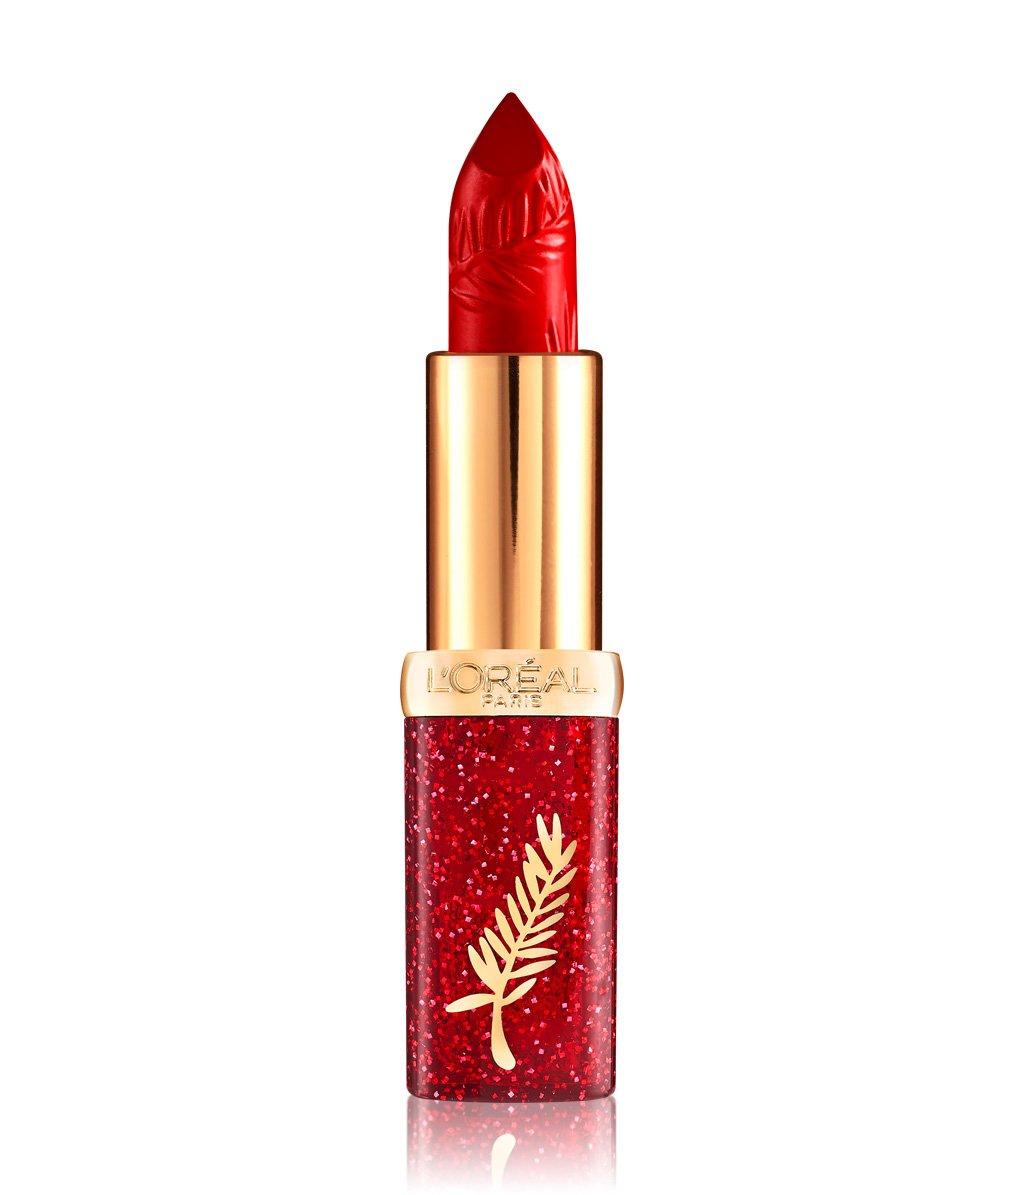 Loreal Paris Star Collection Exclusive Lip Crayon LiyaS